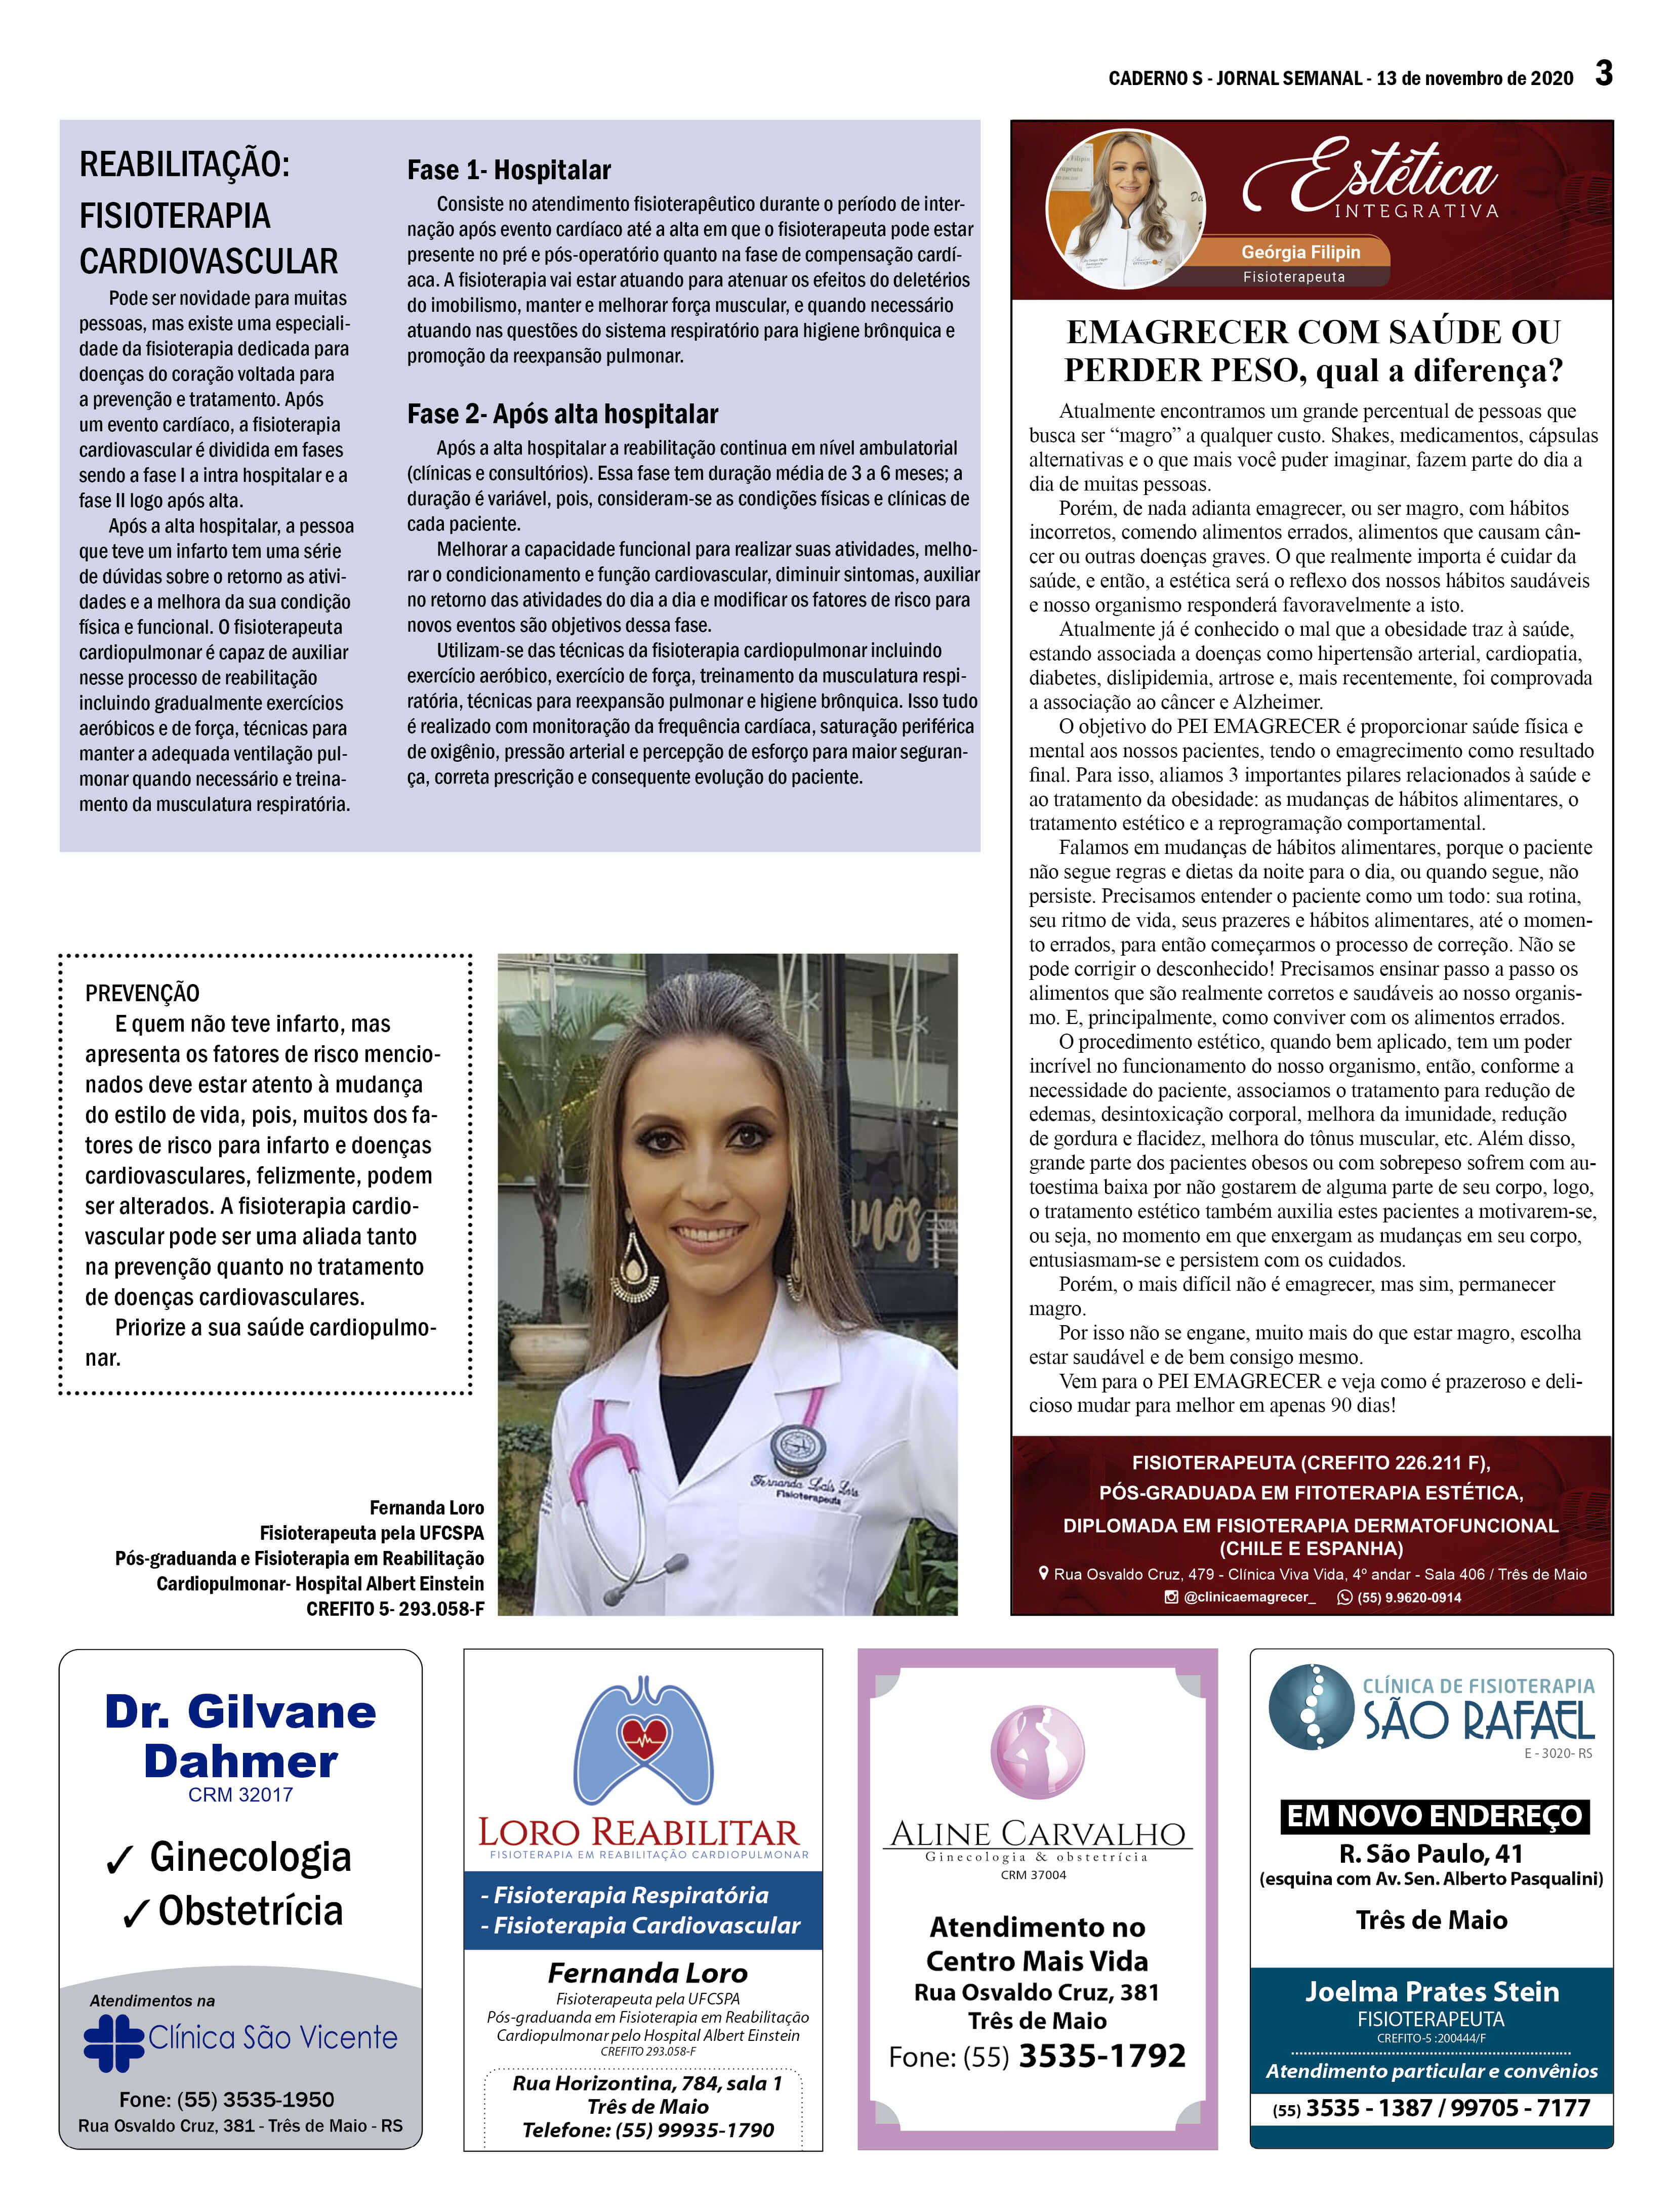 Edição 13 de novembro de 2020